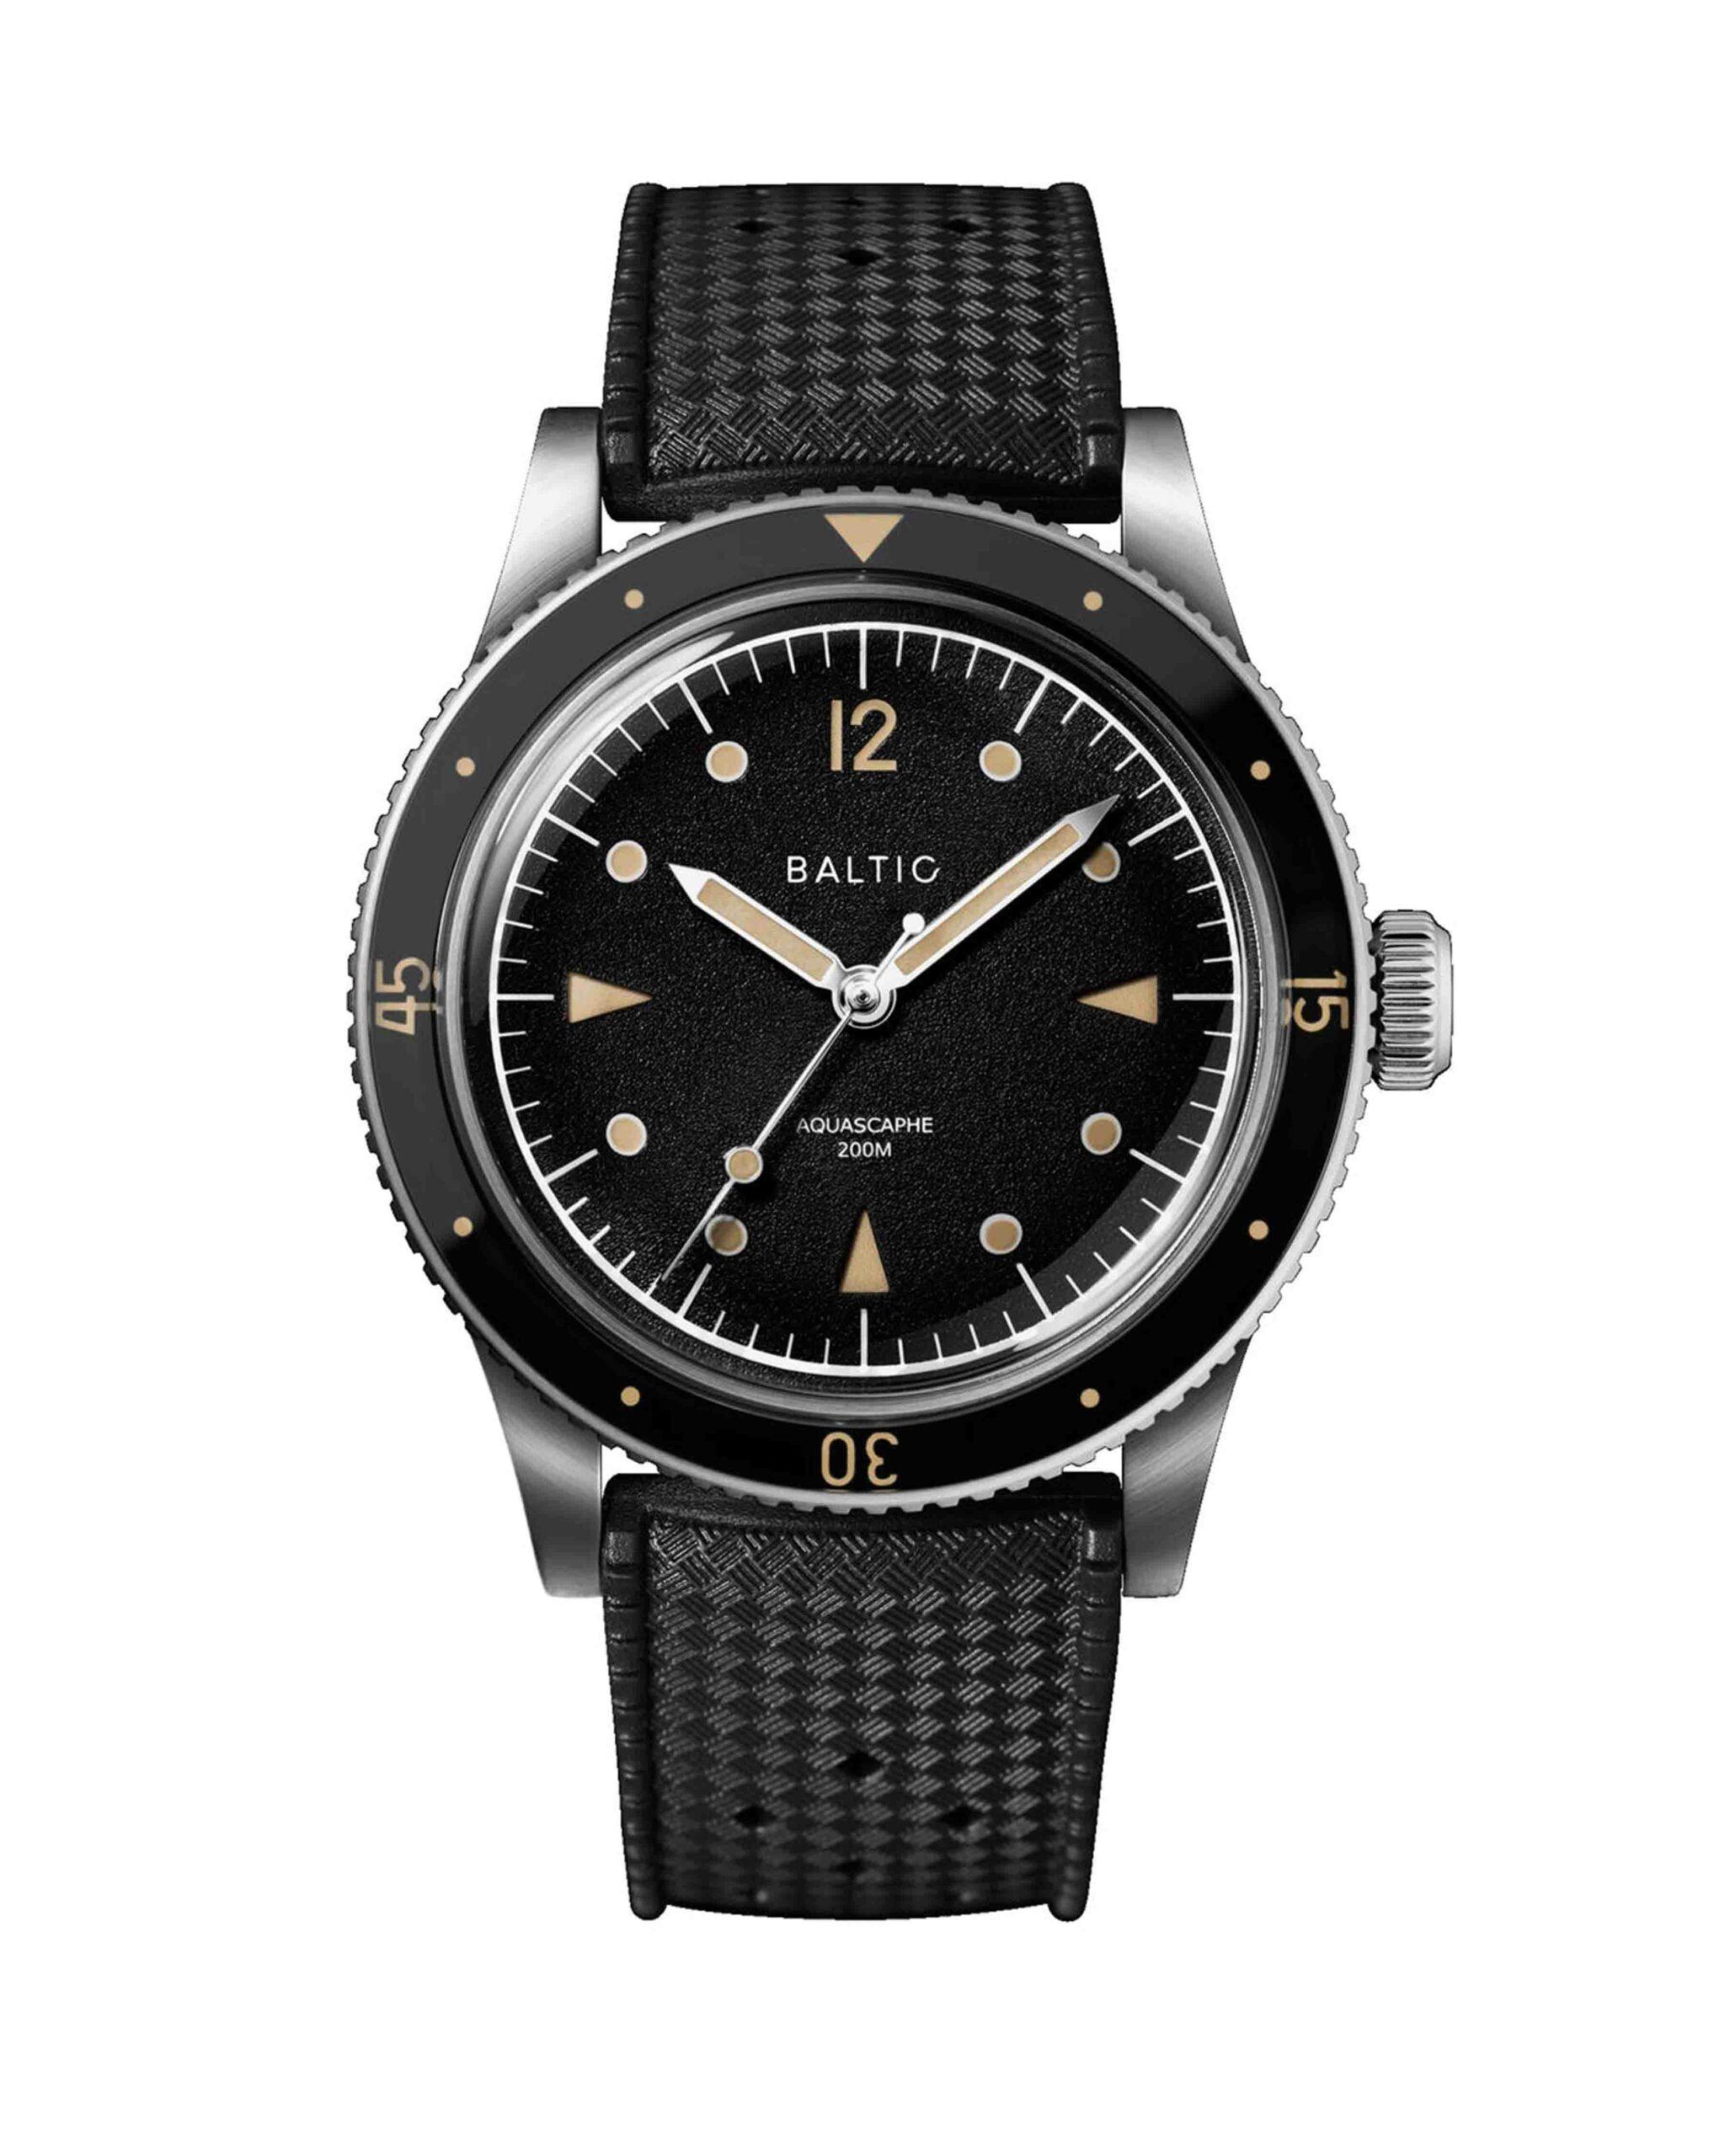 Besten Uhren unter 1000 Euro: Baltic Aquascaphe